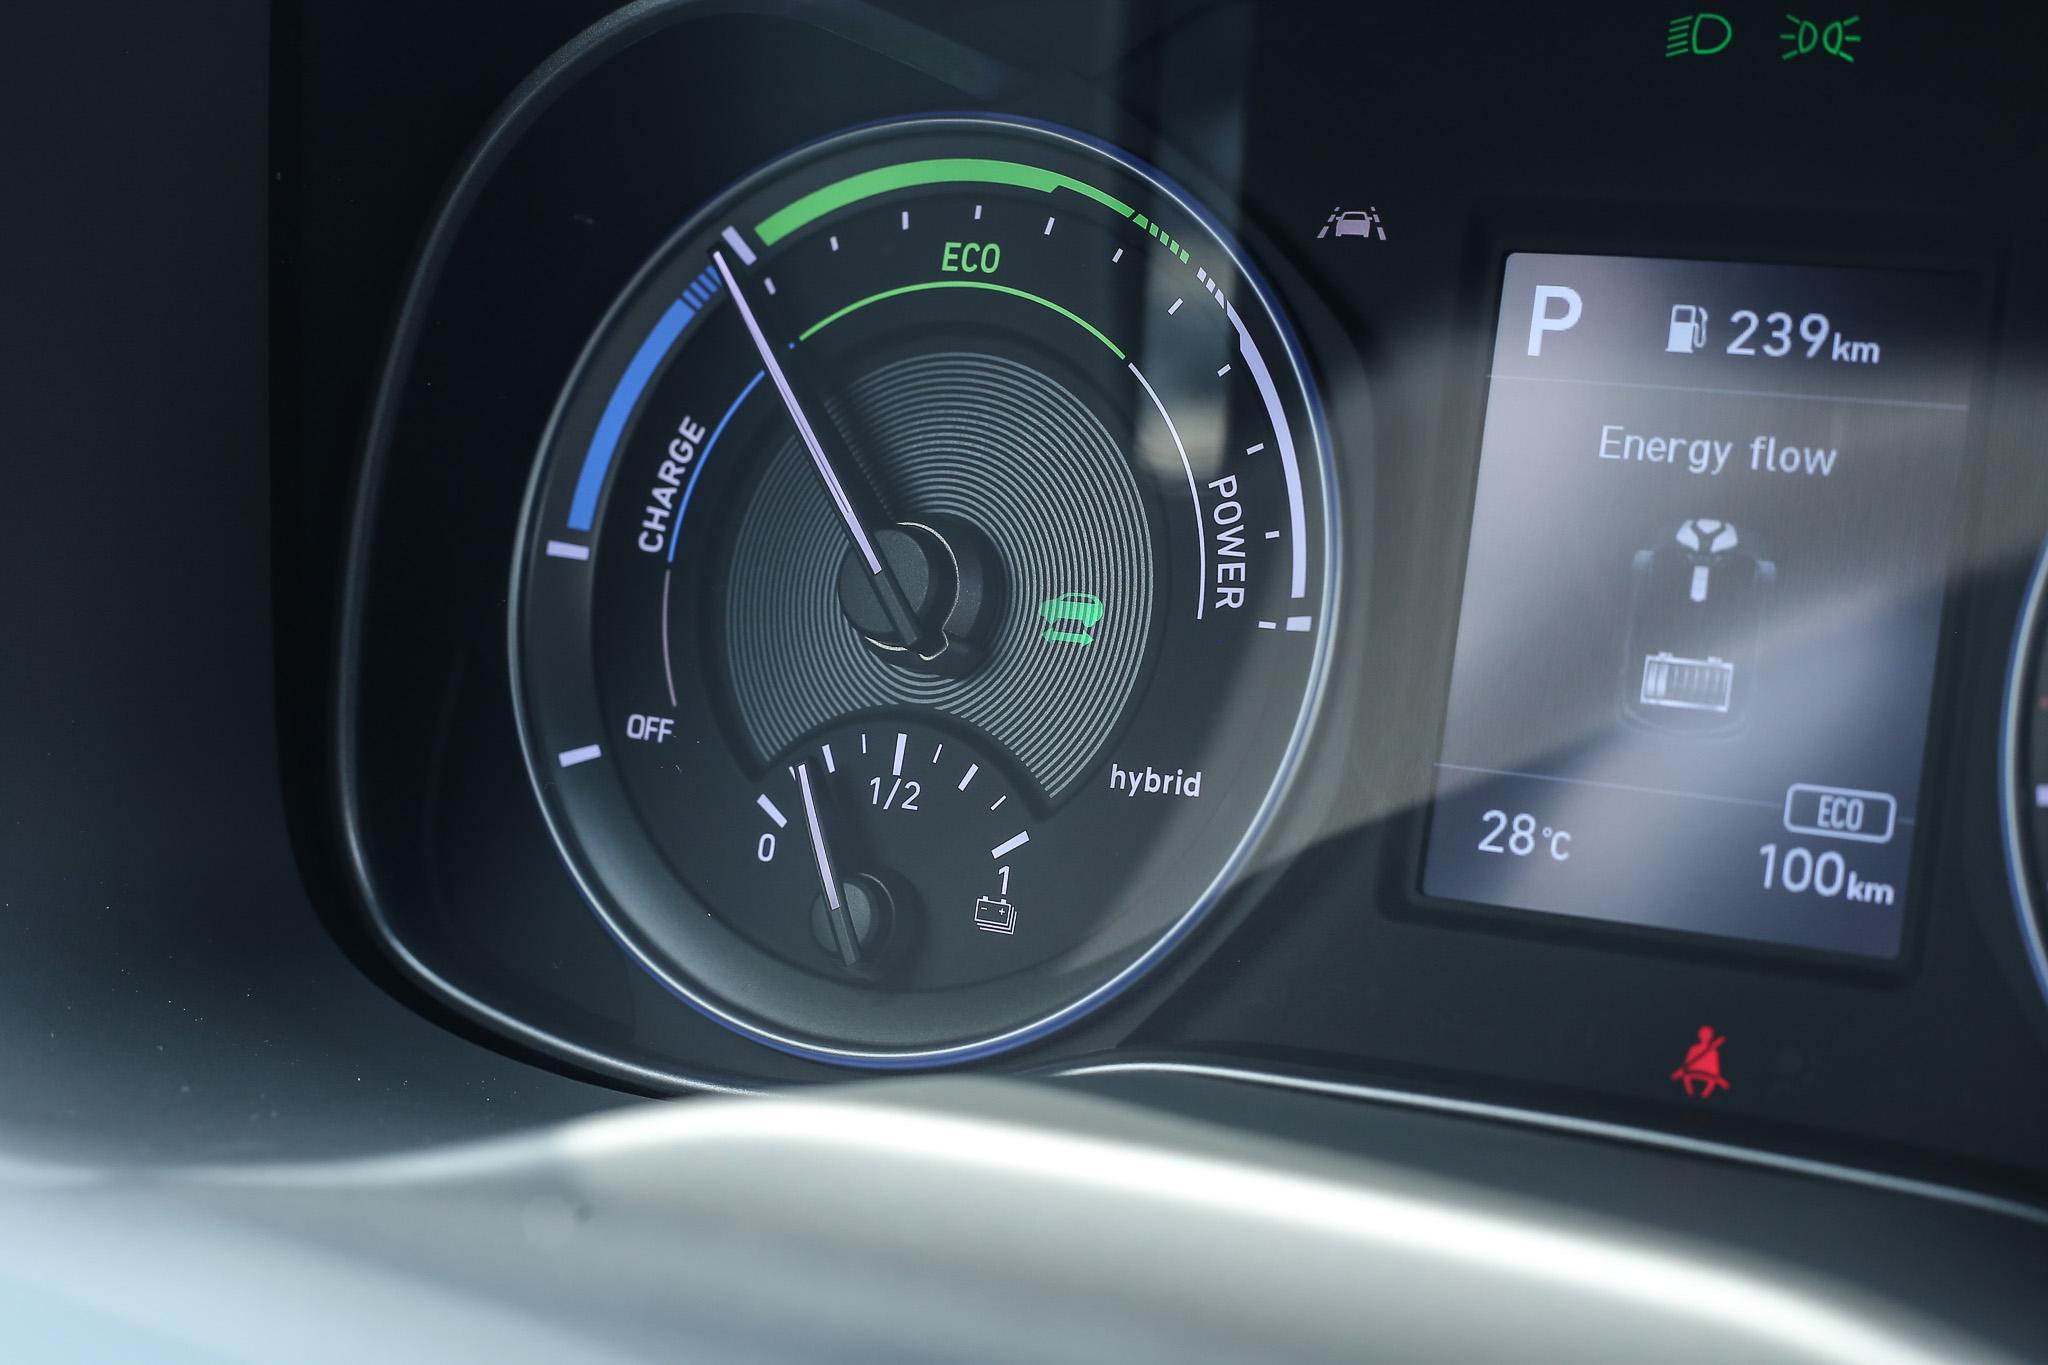 左側指針也會提供目前車輛的動能輸出模式顯示。